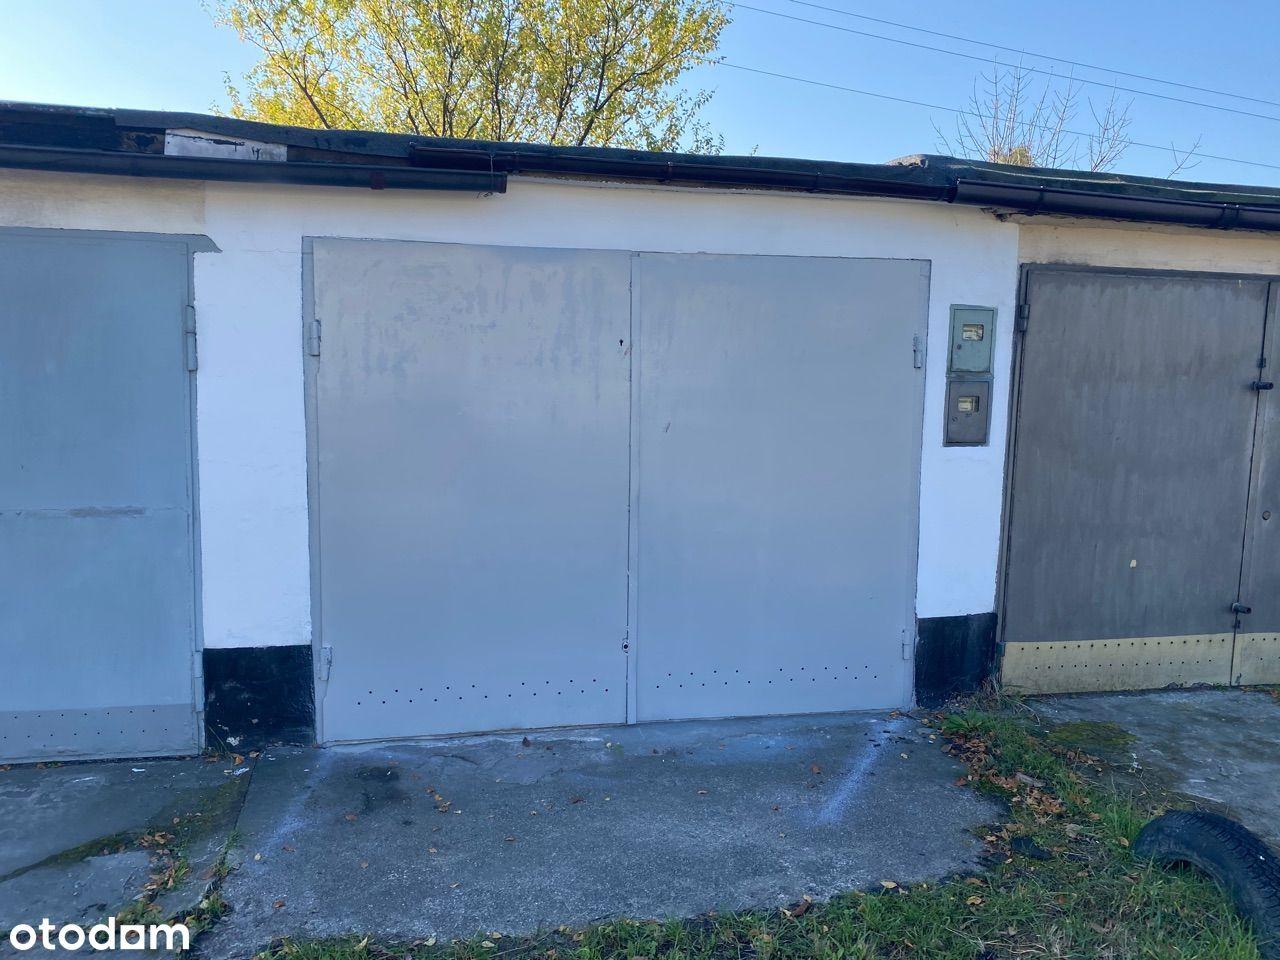 Garaż Wyremontowany, dostępny od zaraz! Oferta PRV